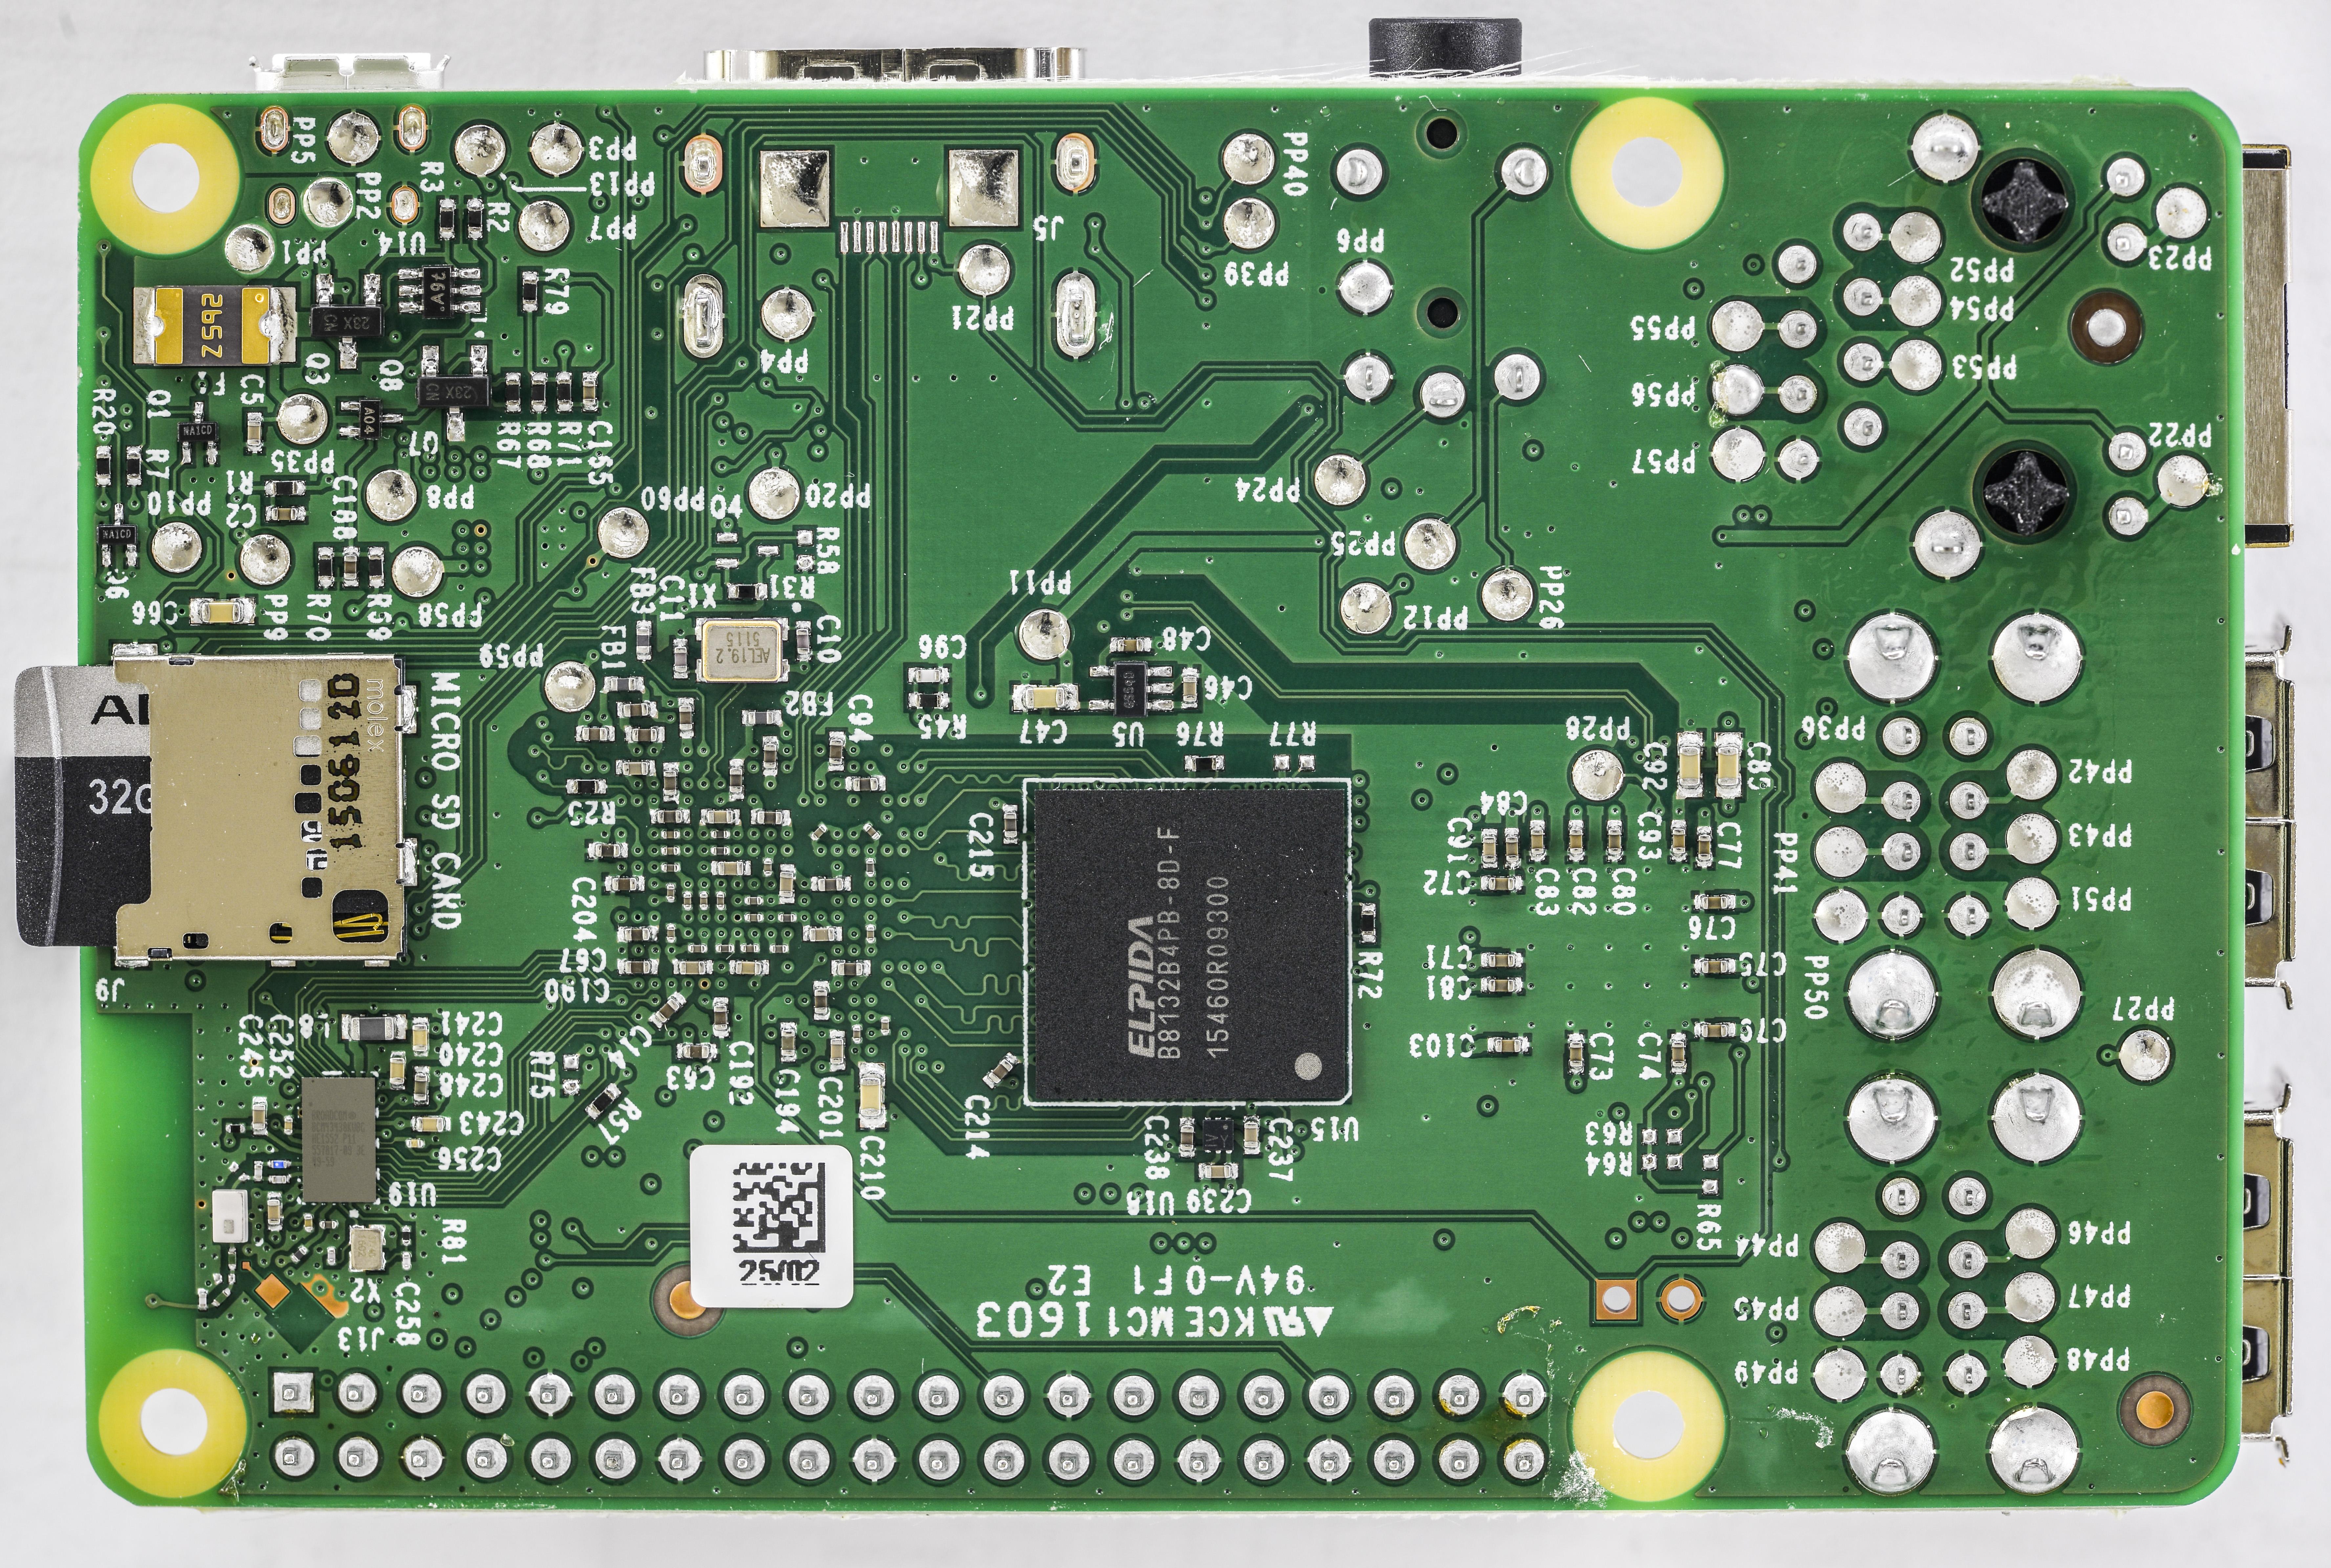 Overclocking For Raspberry Pi 3 Model B Block Diagram Methodology